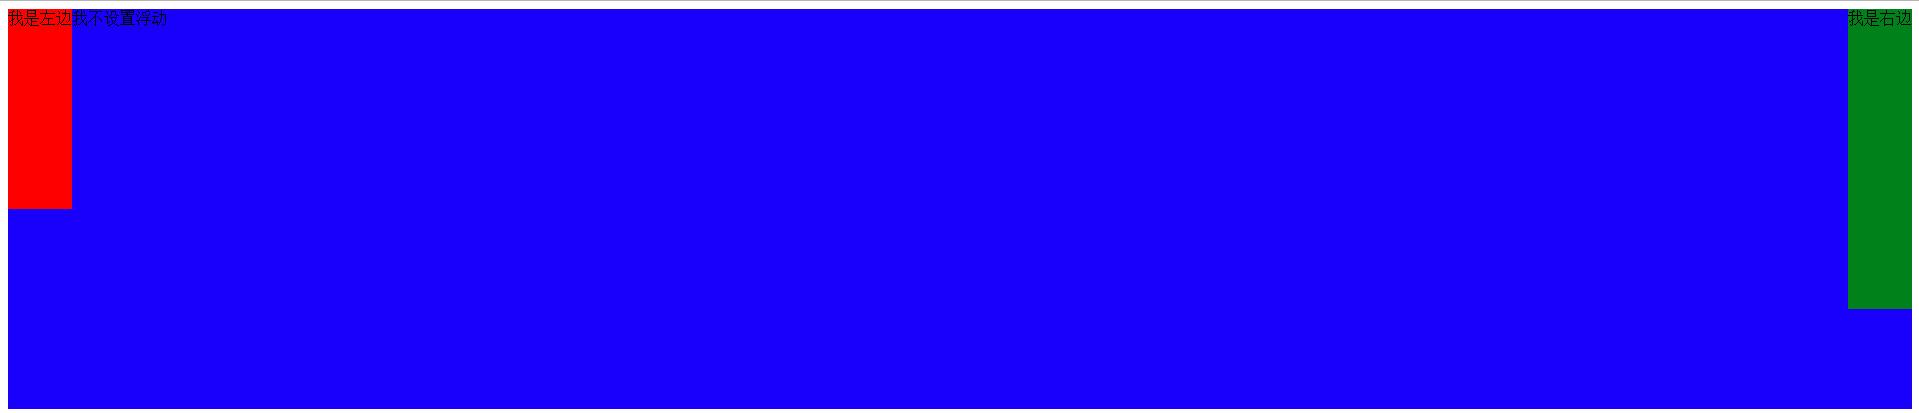 web前端入门到实战:html的组成部分、DIV+CSS布局